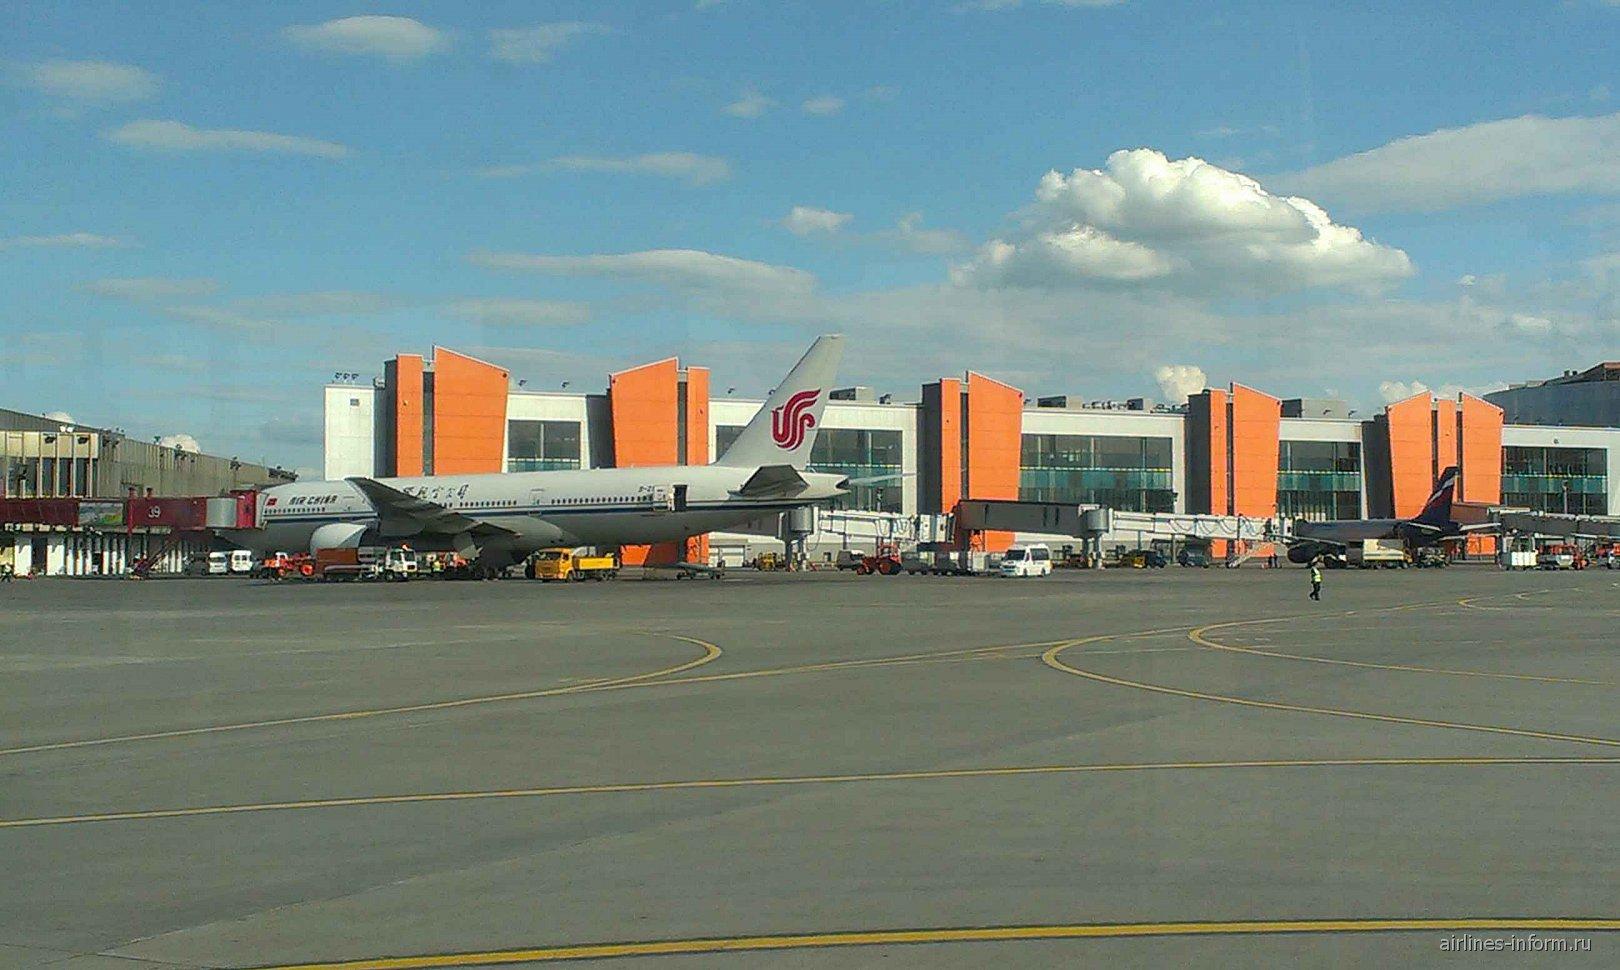 Терминал Е аэропорта Шереметьево